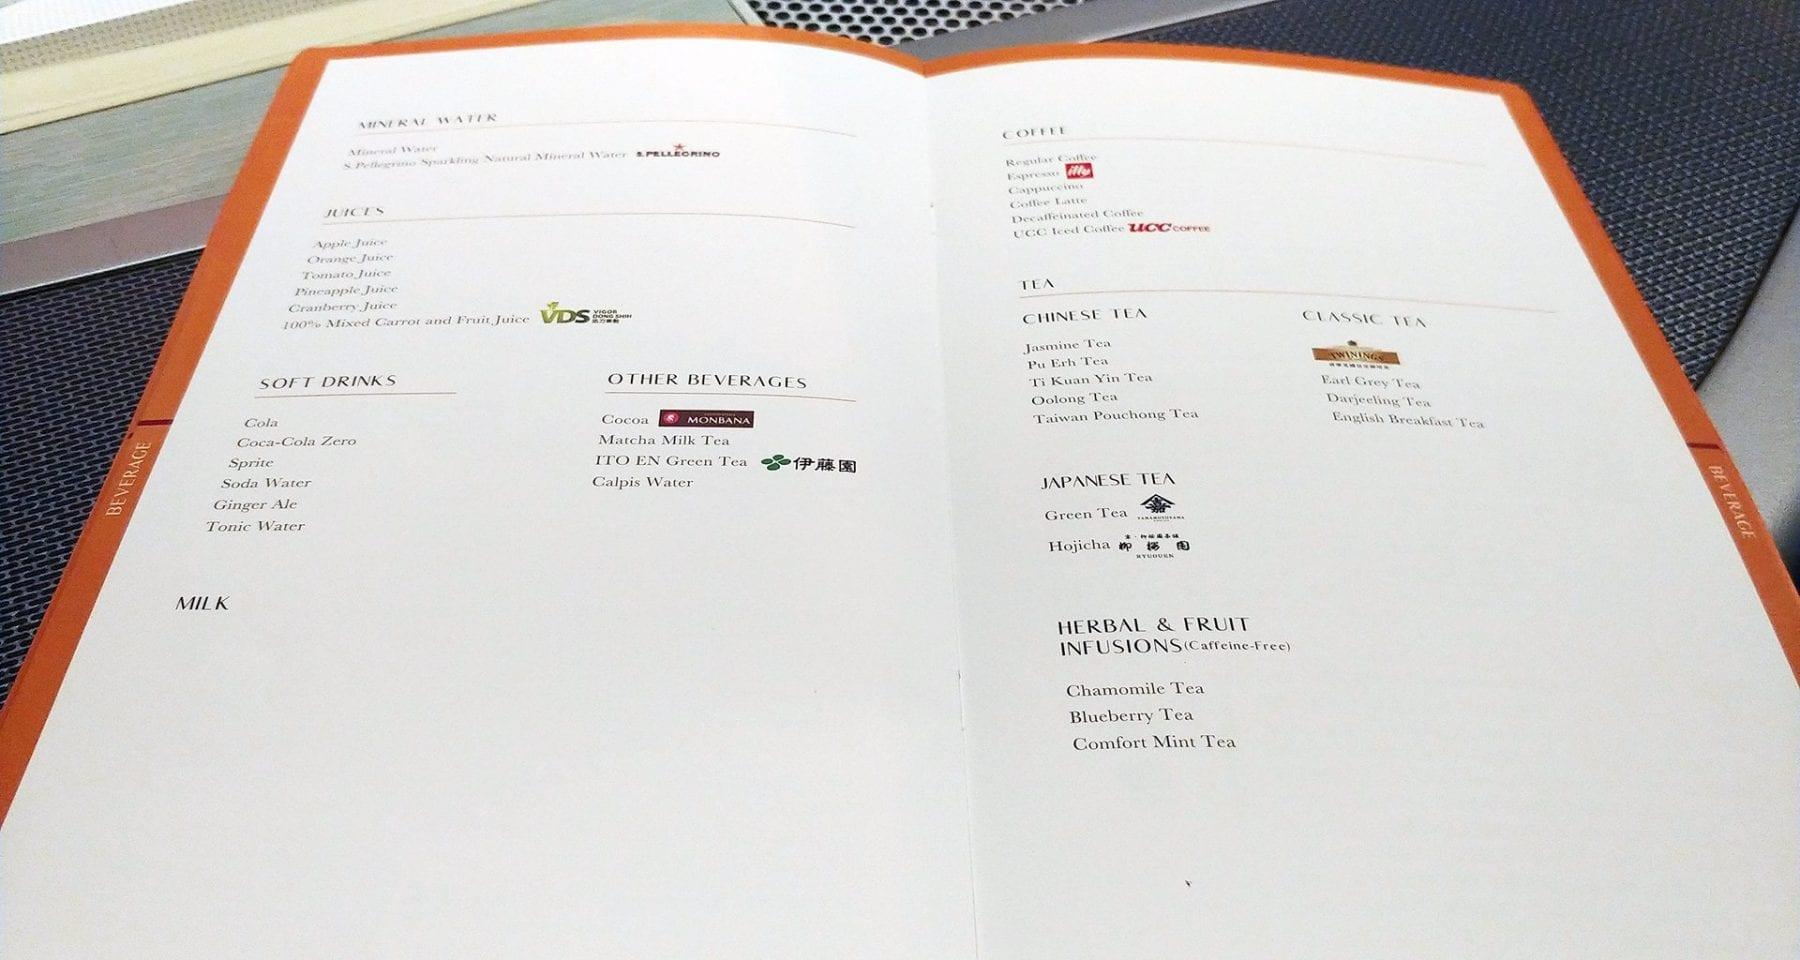 Eva air inflight drink menu bangkok to taipei